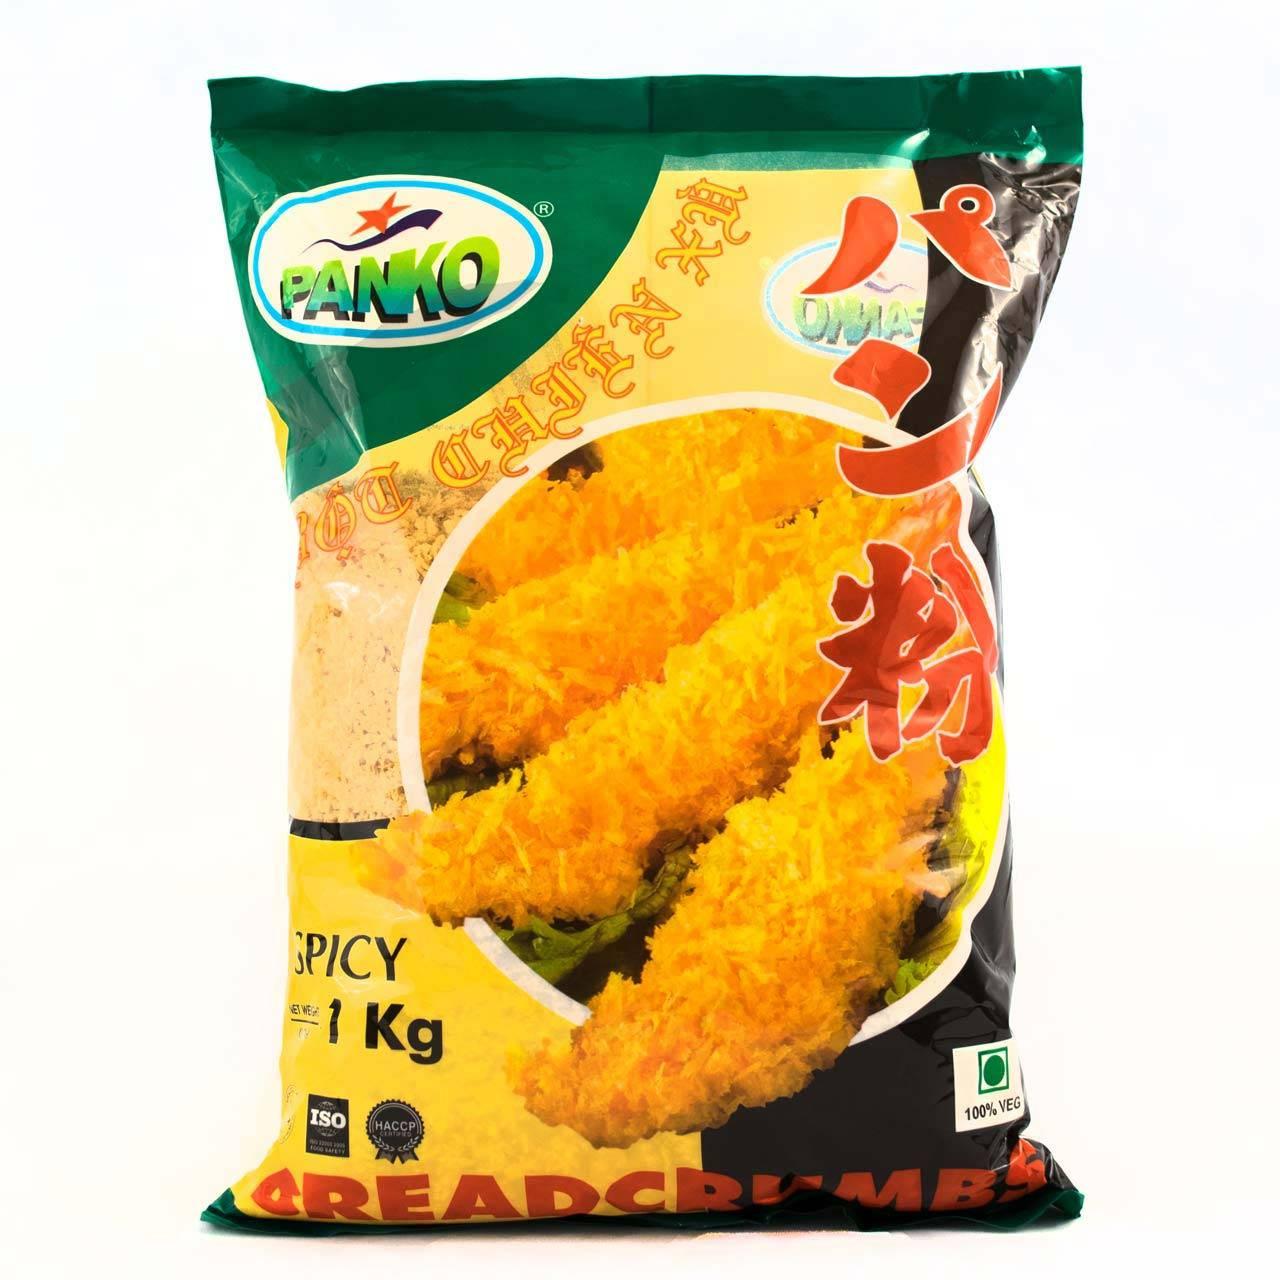 پودر سوخاری پانکو PANKO با طعم فلفلی پاکت 1 کیلو گرم